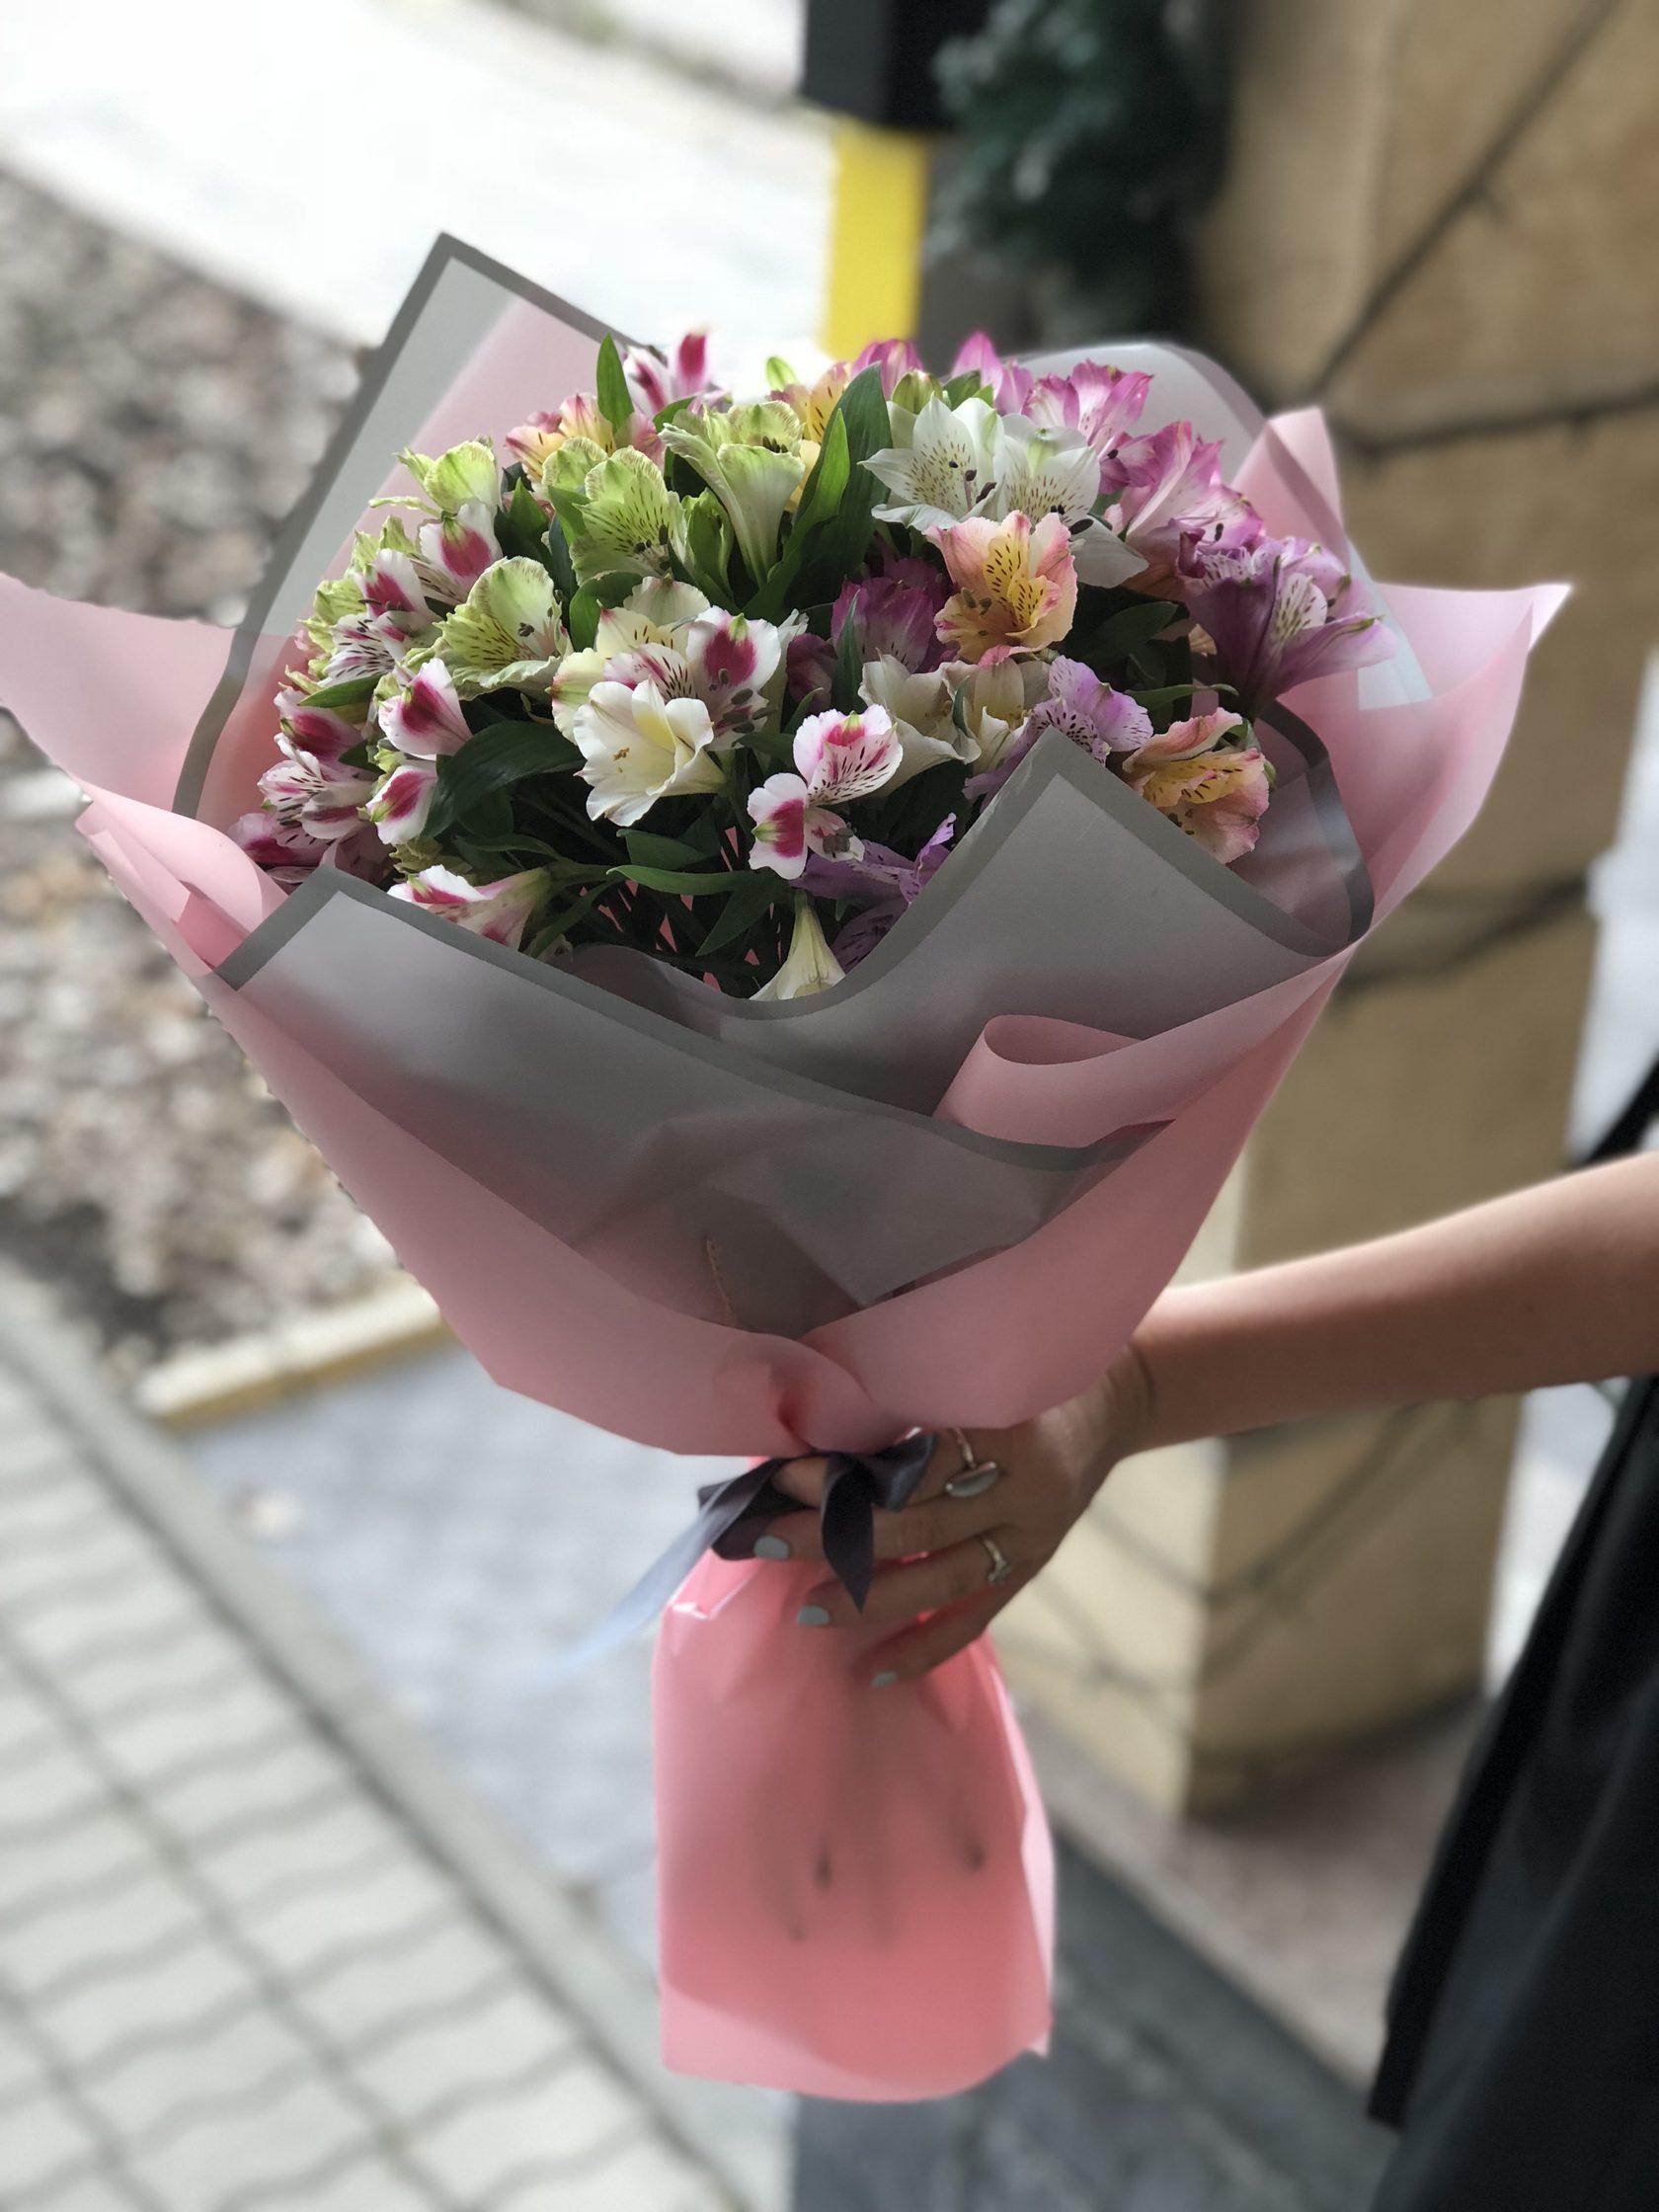 Доставка, доставка цветов алматы безналичный расчет